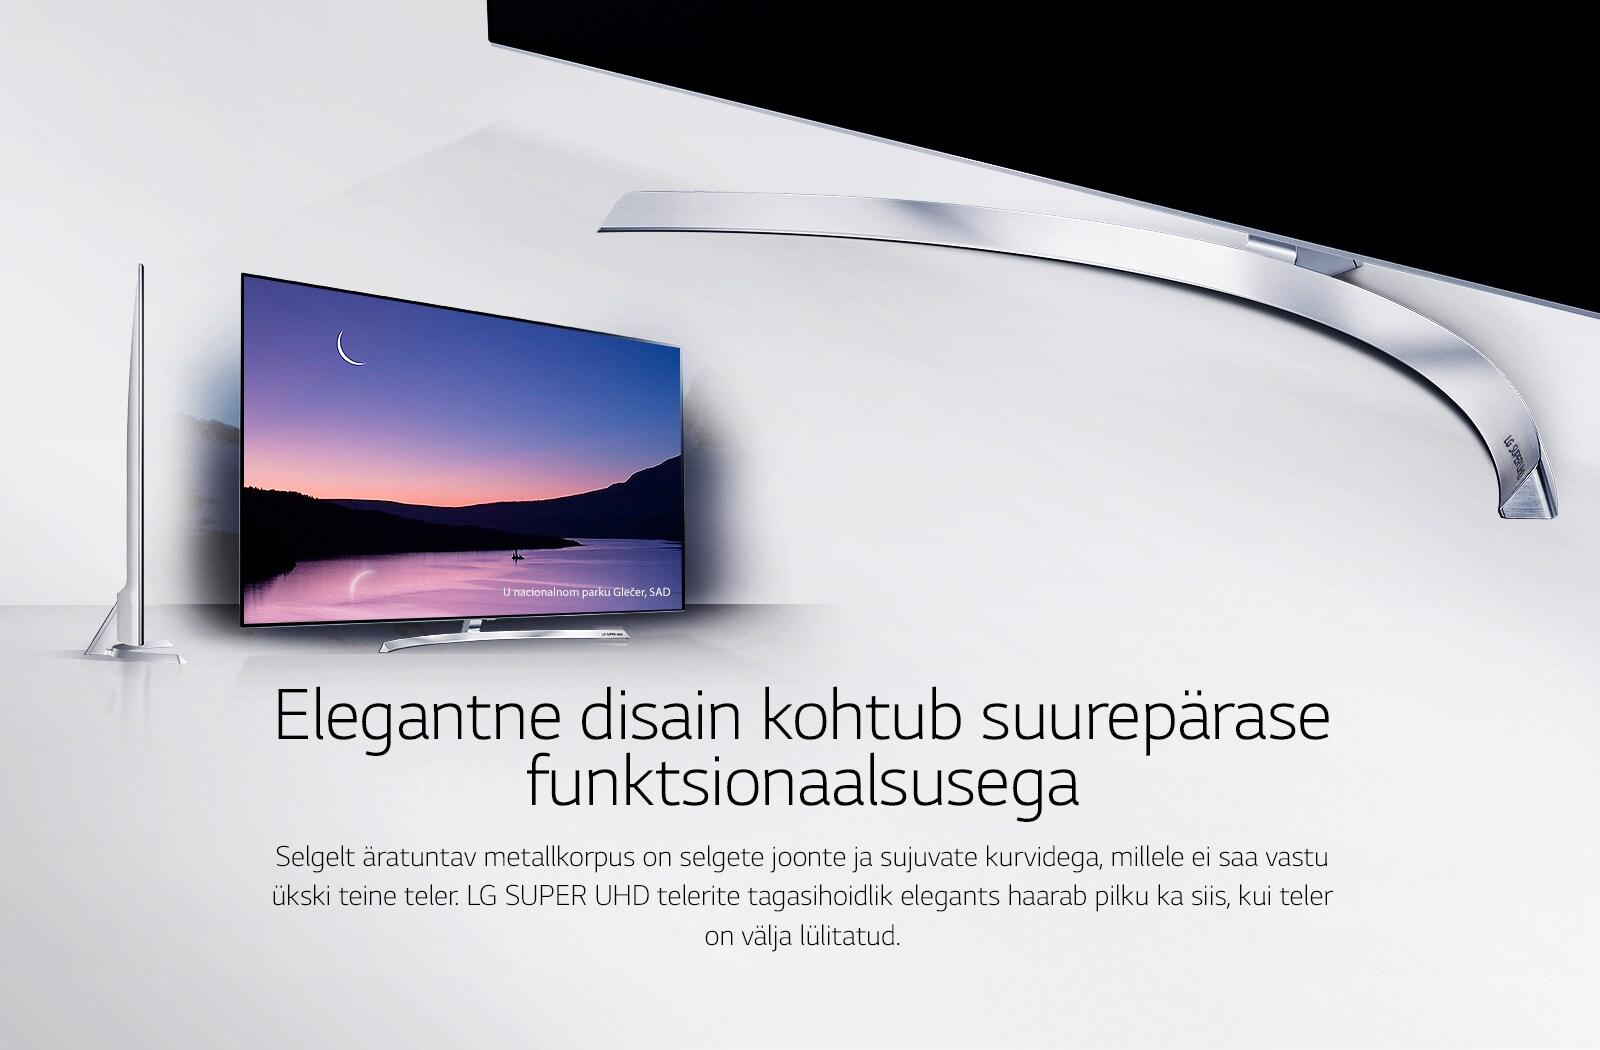 Elegantne disain ja suurepärane funktsionaalsus